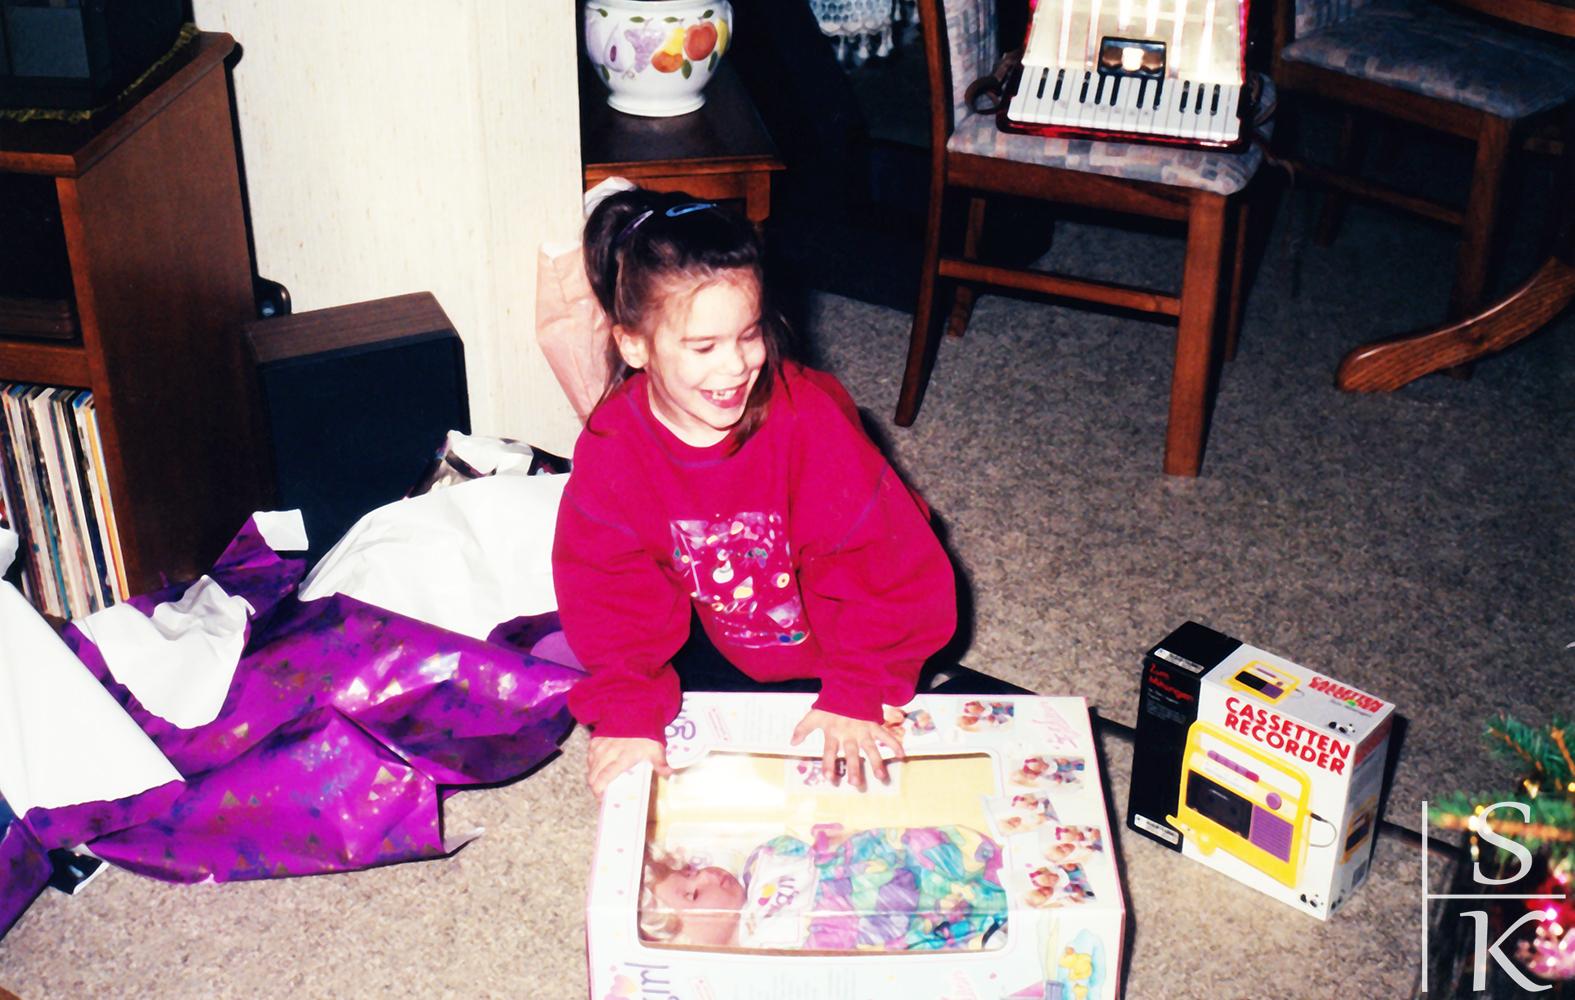 Kolumne Throwback Kindheit: Weihnachten wie es früher war @Horizont-Blog, Saskia Katharina Most